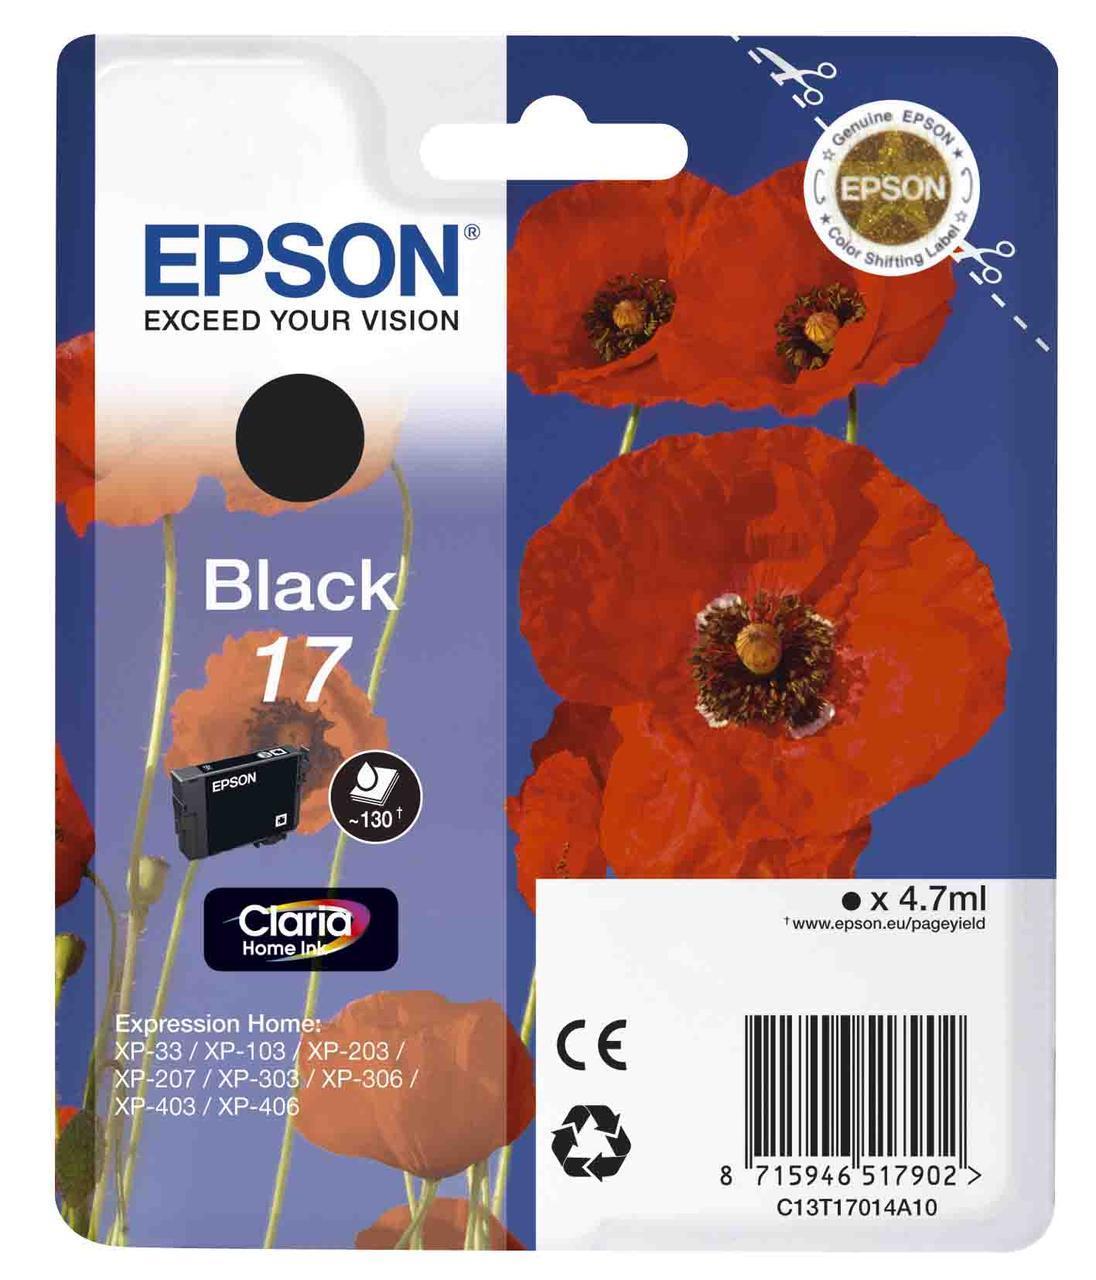 Картридж Epson C13T17014A10 (№17), Объем: 4,7 мл, Копий ( ISO 19752): 130, Цвет: Чёрный, Совместимость: XP33/1